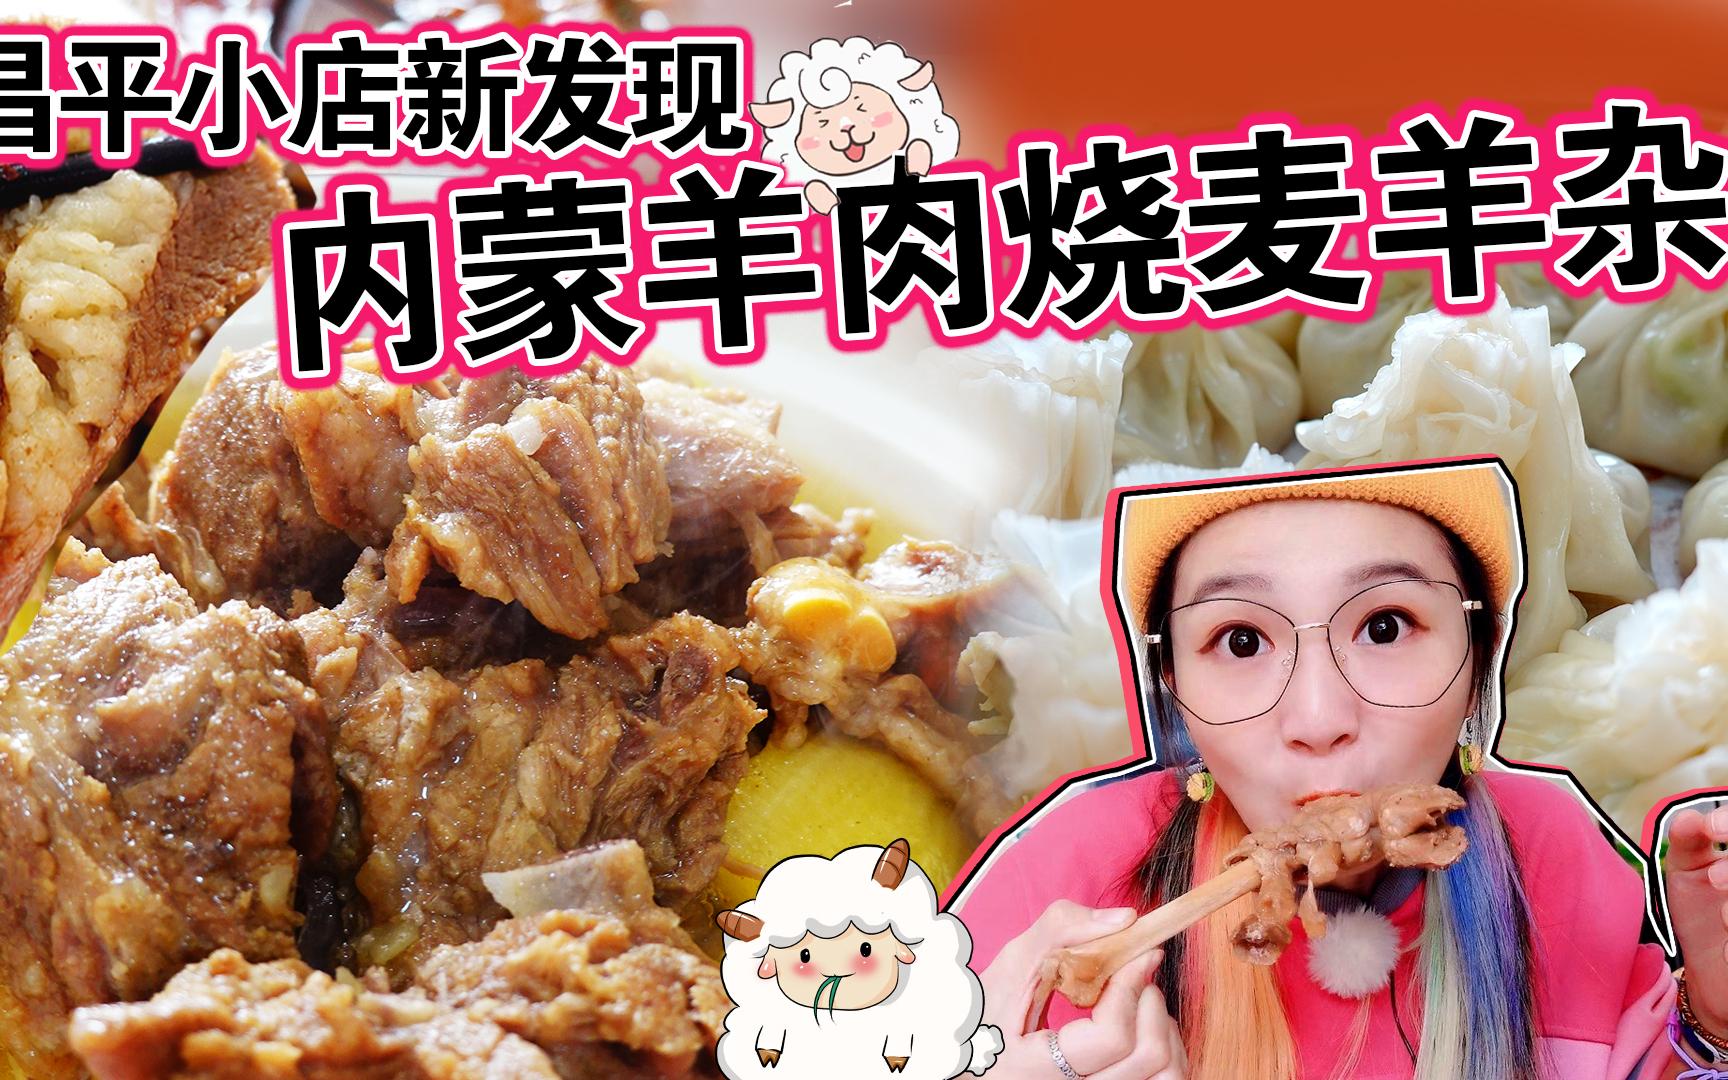 【逛吃北京】内蒙羊肉小馆新发现!焖羊肉必点,莜面窝窝蘸汤吃~